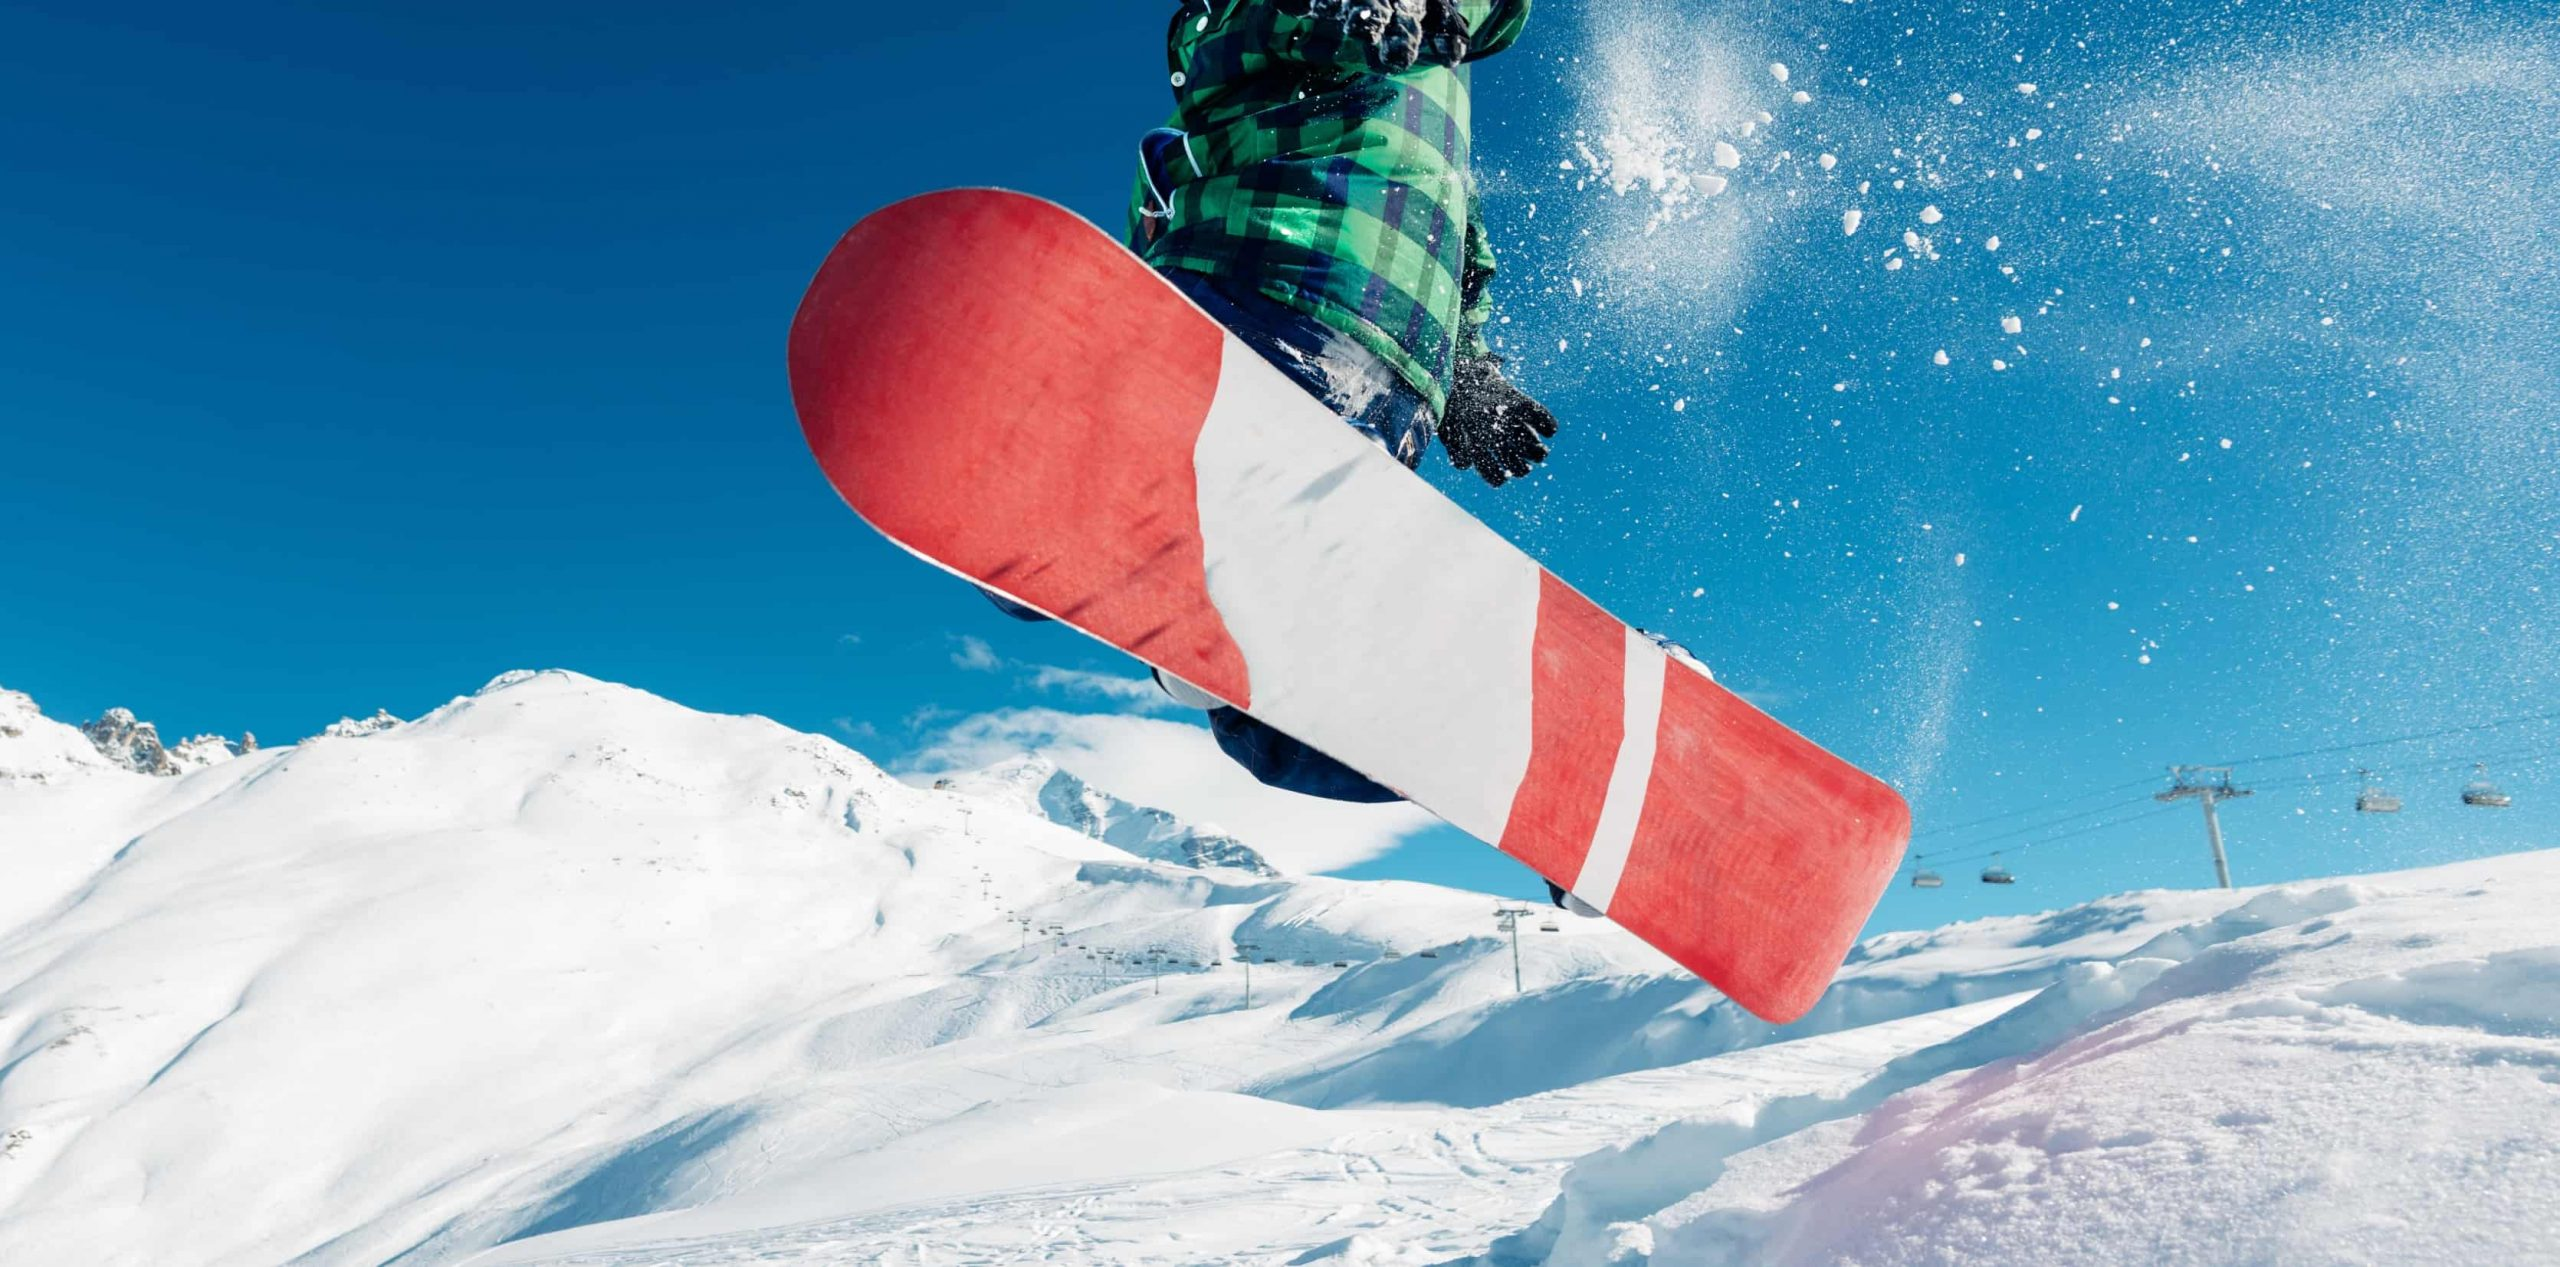 Tablas de snowboard: ¿Cuáles son las mejores del 2021?